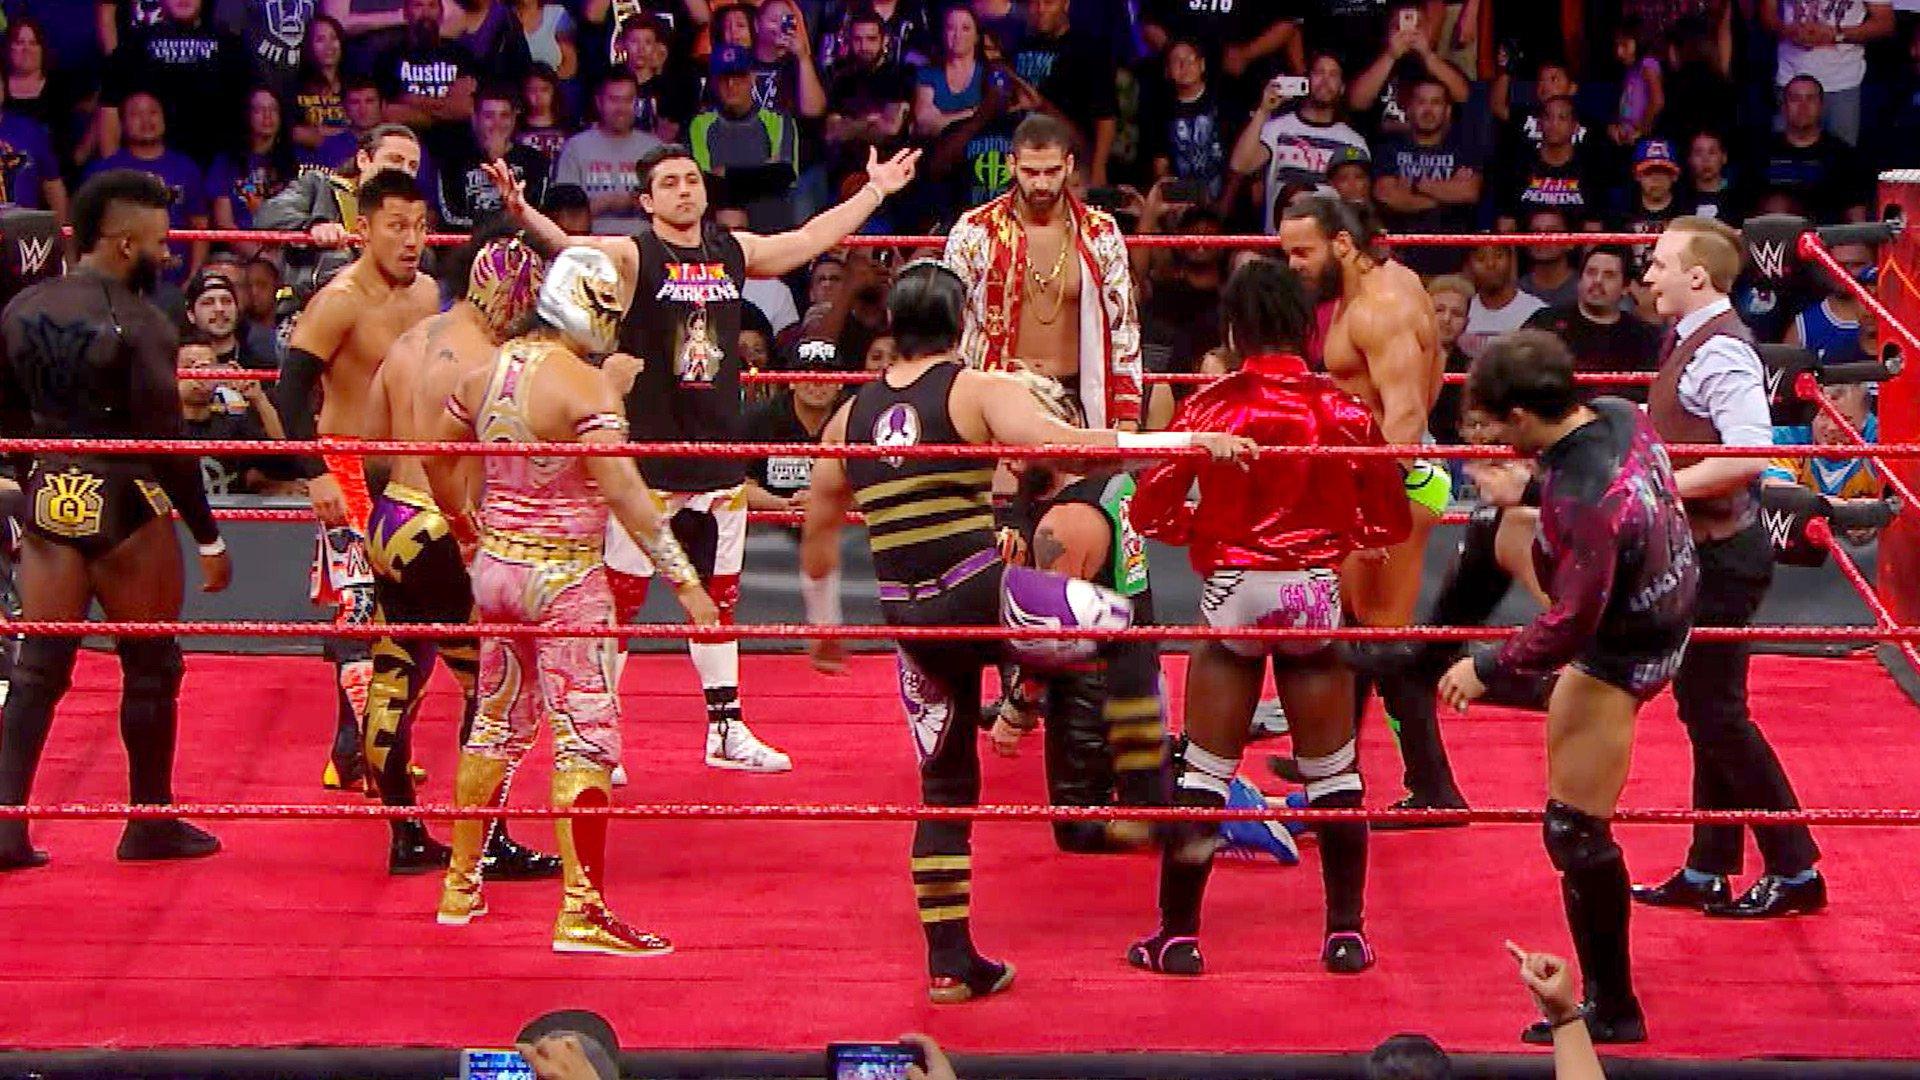 Resultado de imagen para WWE